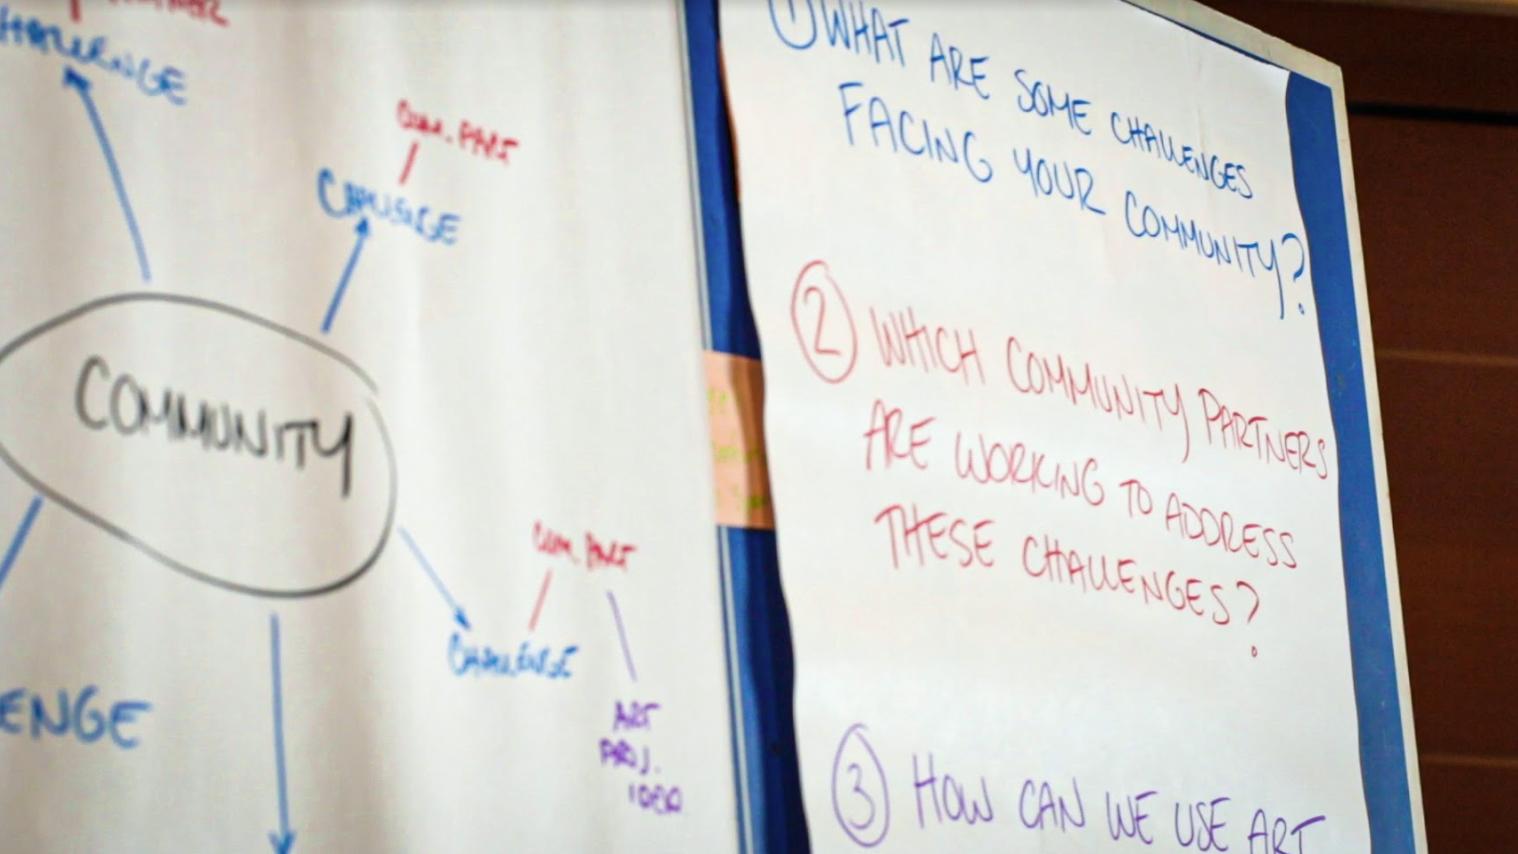 Community ideation whiteboard: 1. Quels sont les défis auxquels fait face votre collectivité ? 2. Quelles ressources communautaires permettent de répondre à ces défis ? 3. Comment pouvons-nous utiliser l